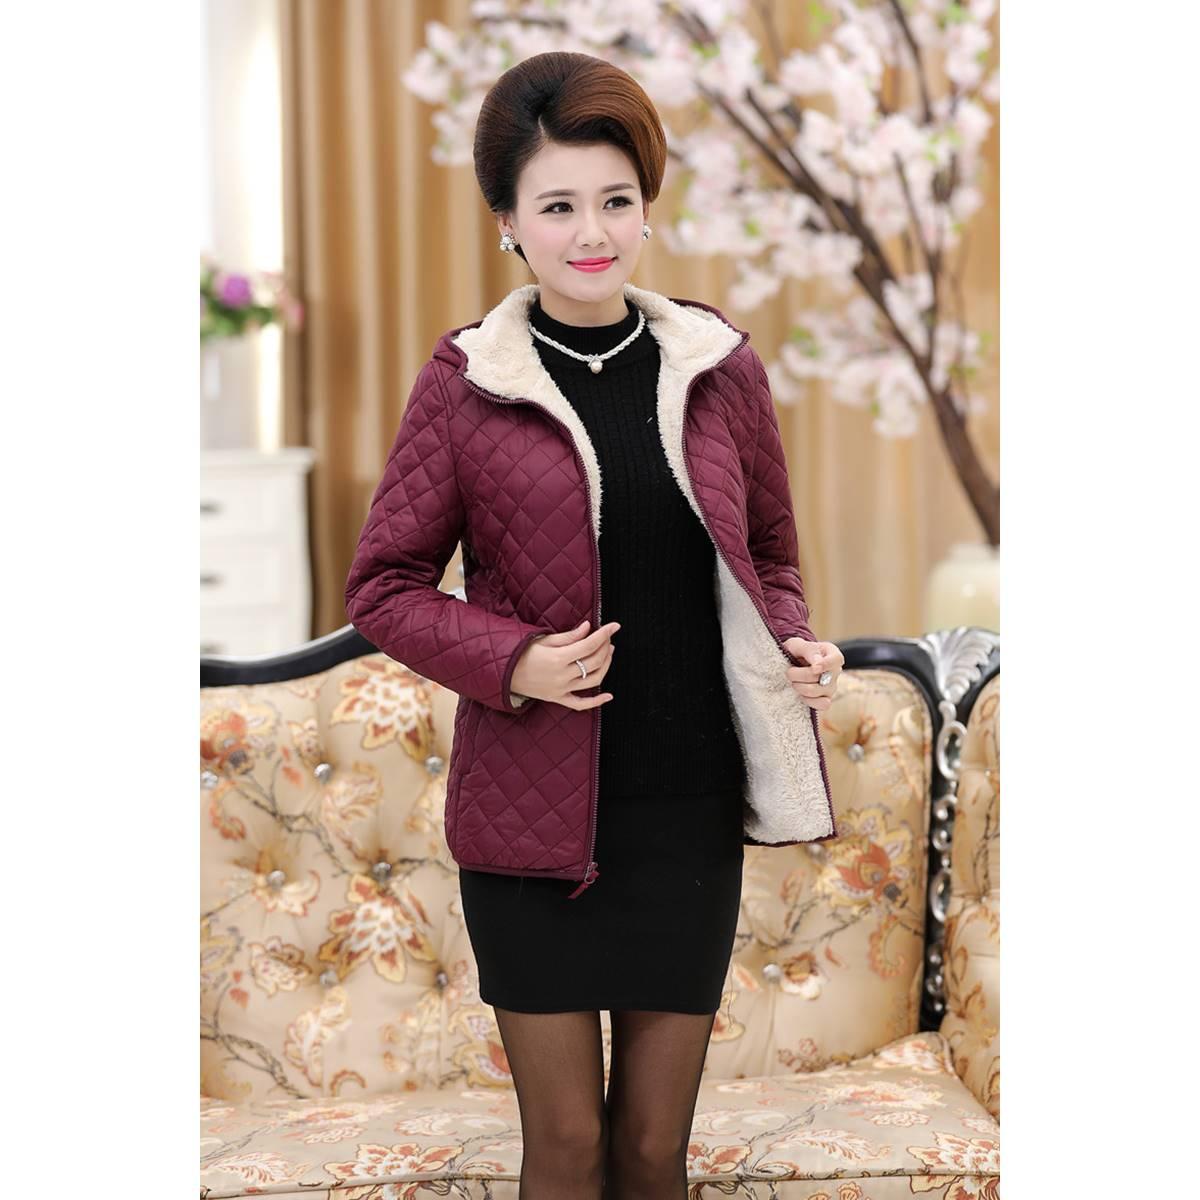 中年女装秋冬加绒棉衣袄子中老年韩版大码加肥羊羔毛妈妈外套夹克